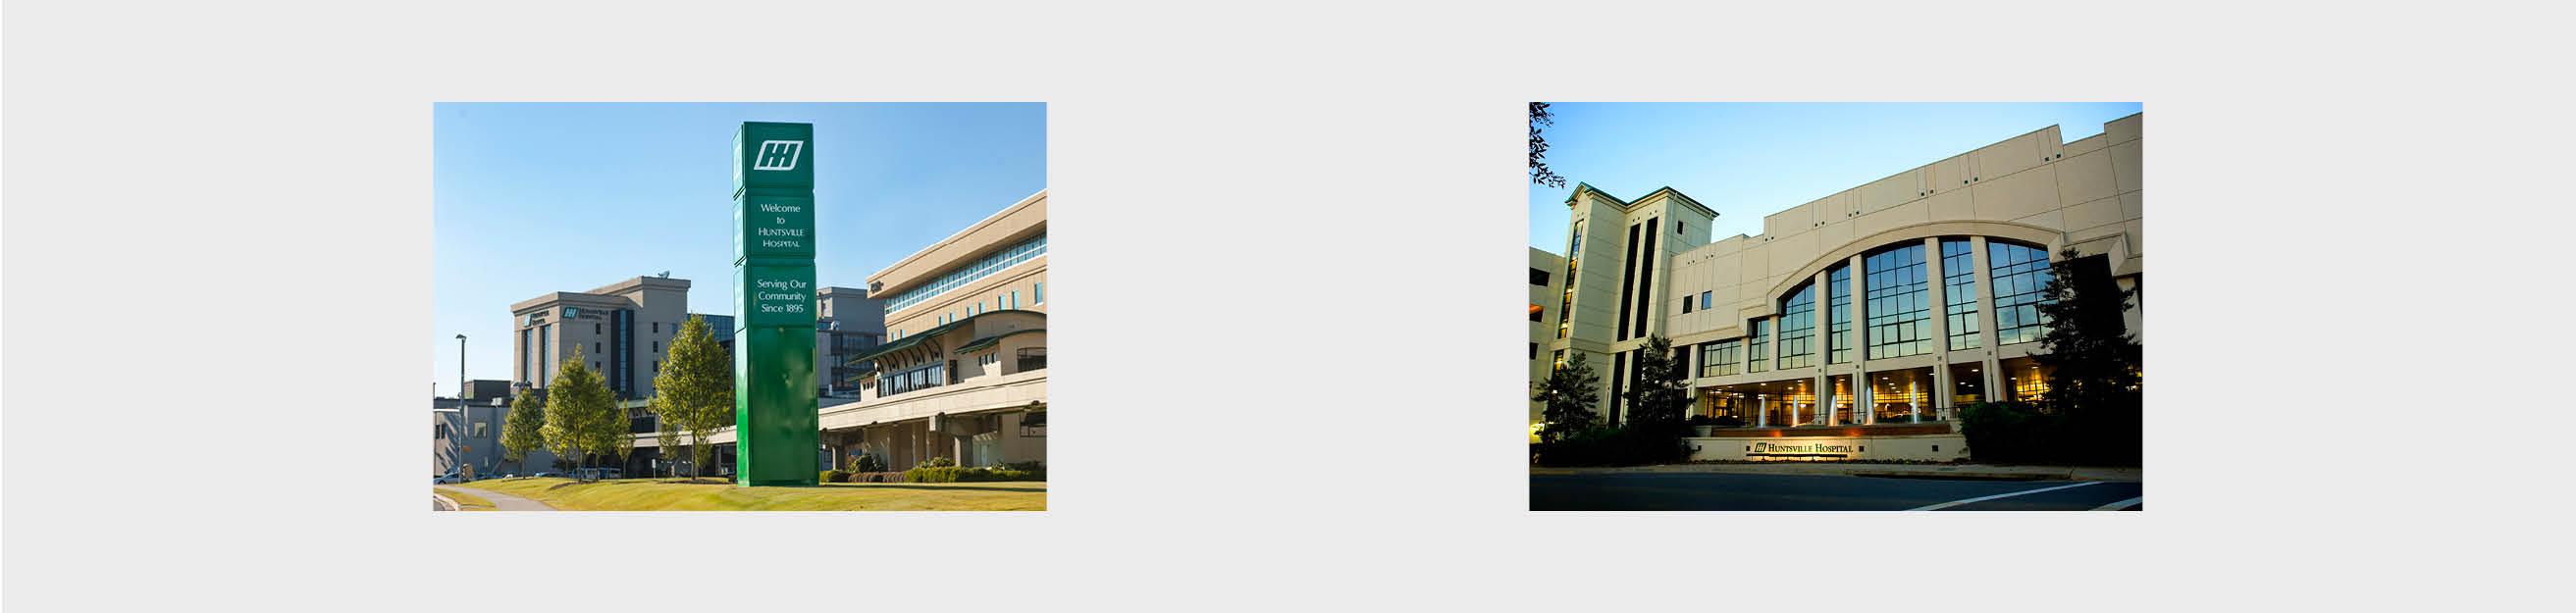 Huntsville Hospital images